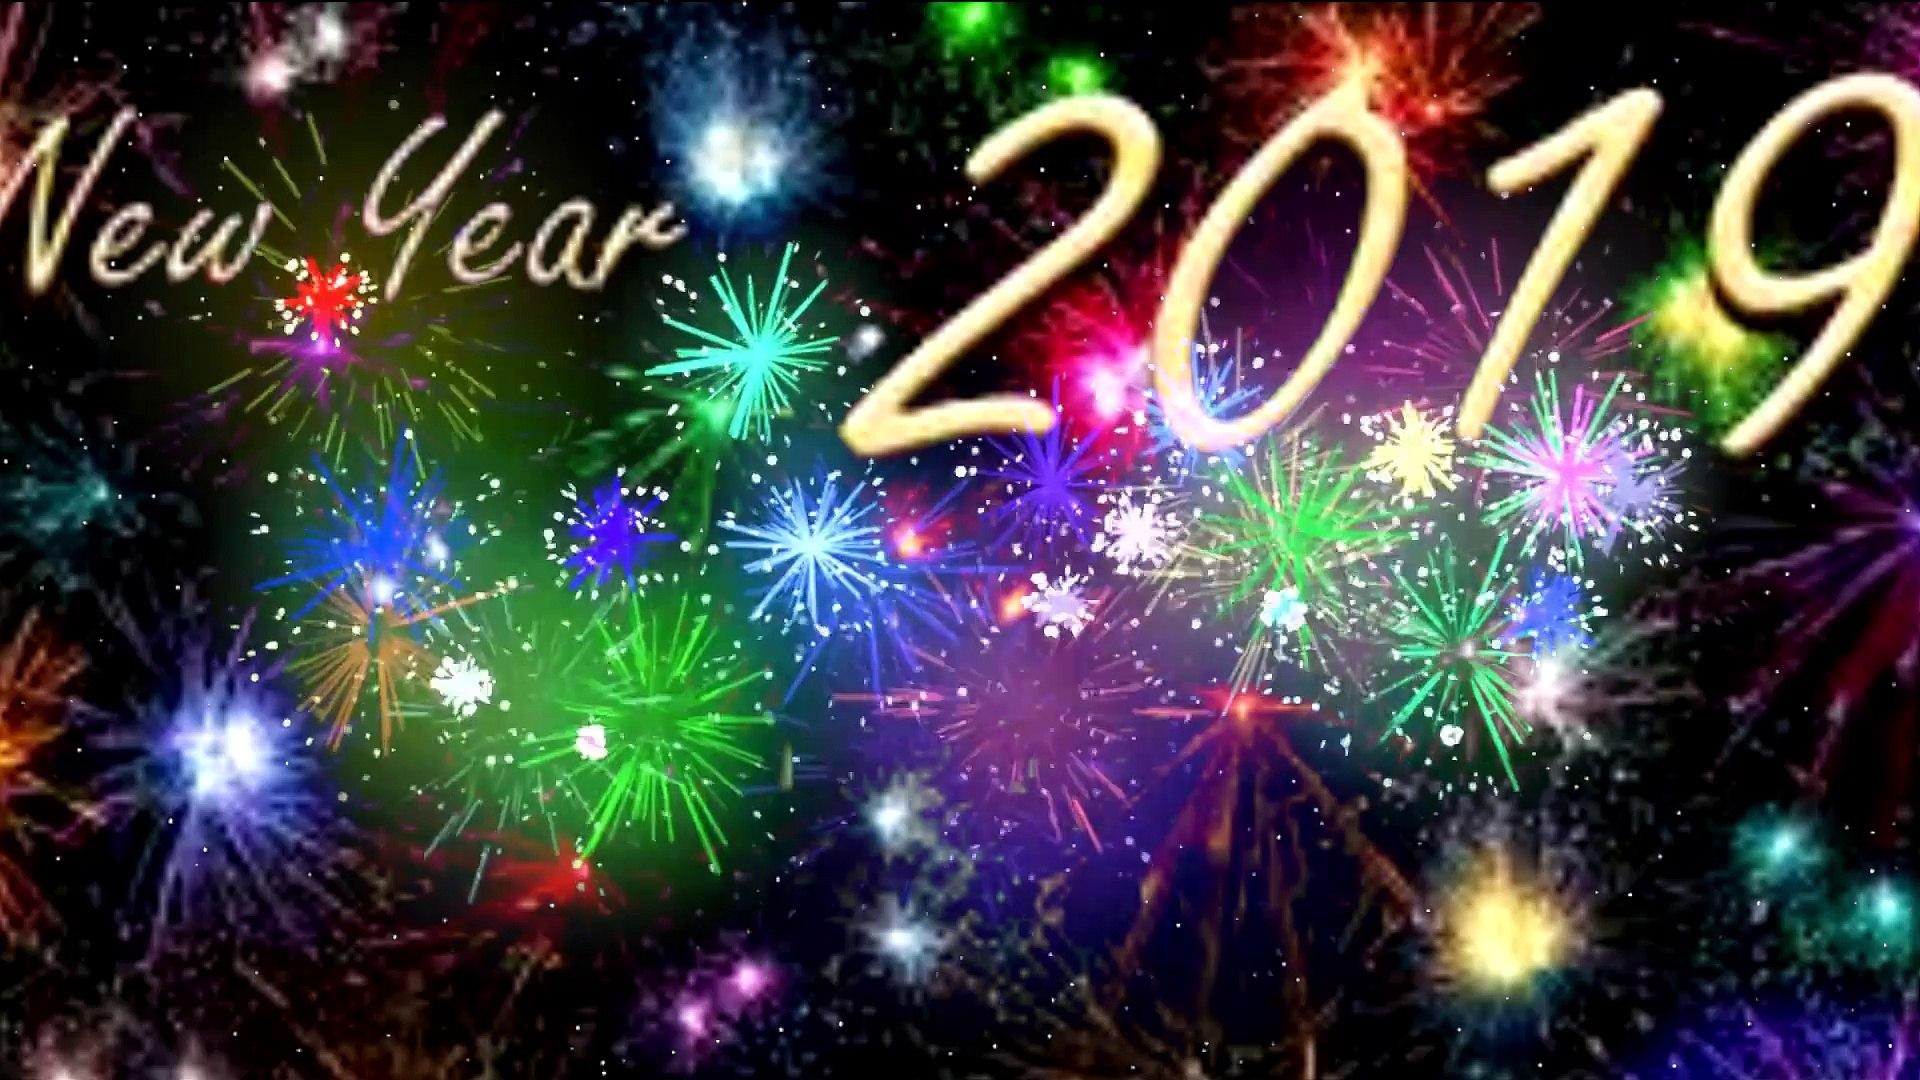 สวัสดีปีใหม่ 2562 Happy New Year 2019 - video dailymotion